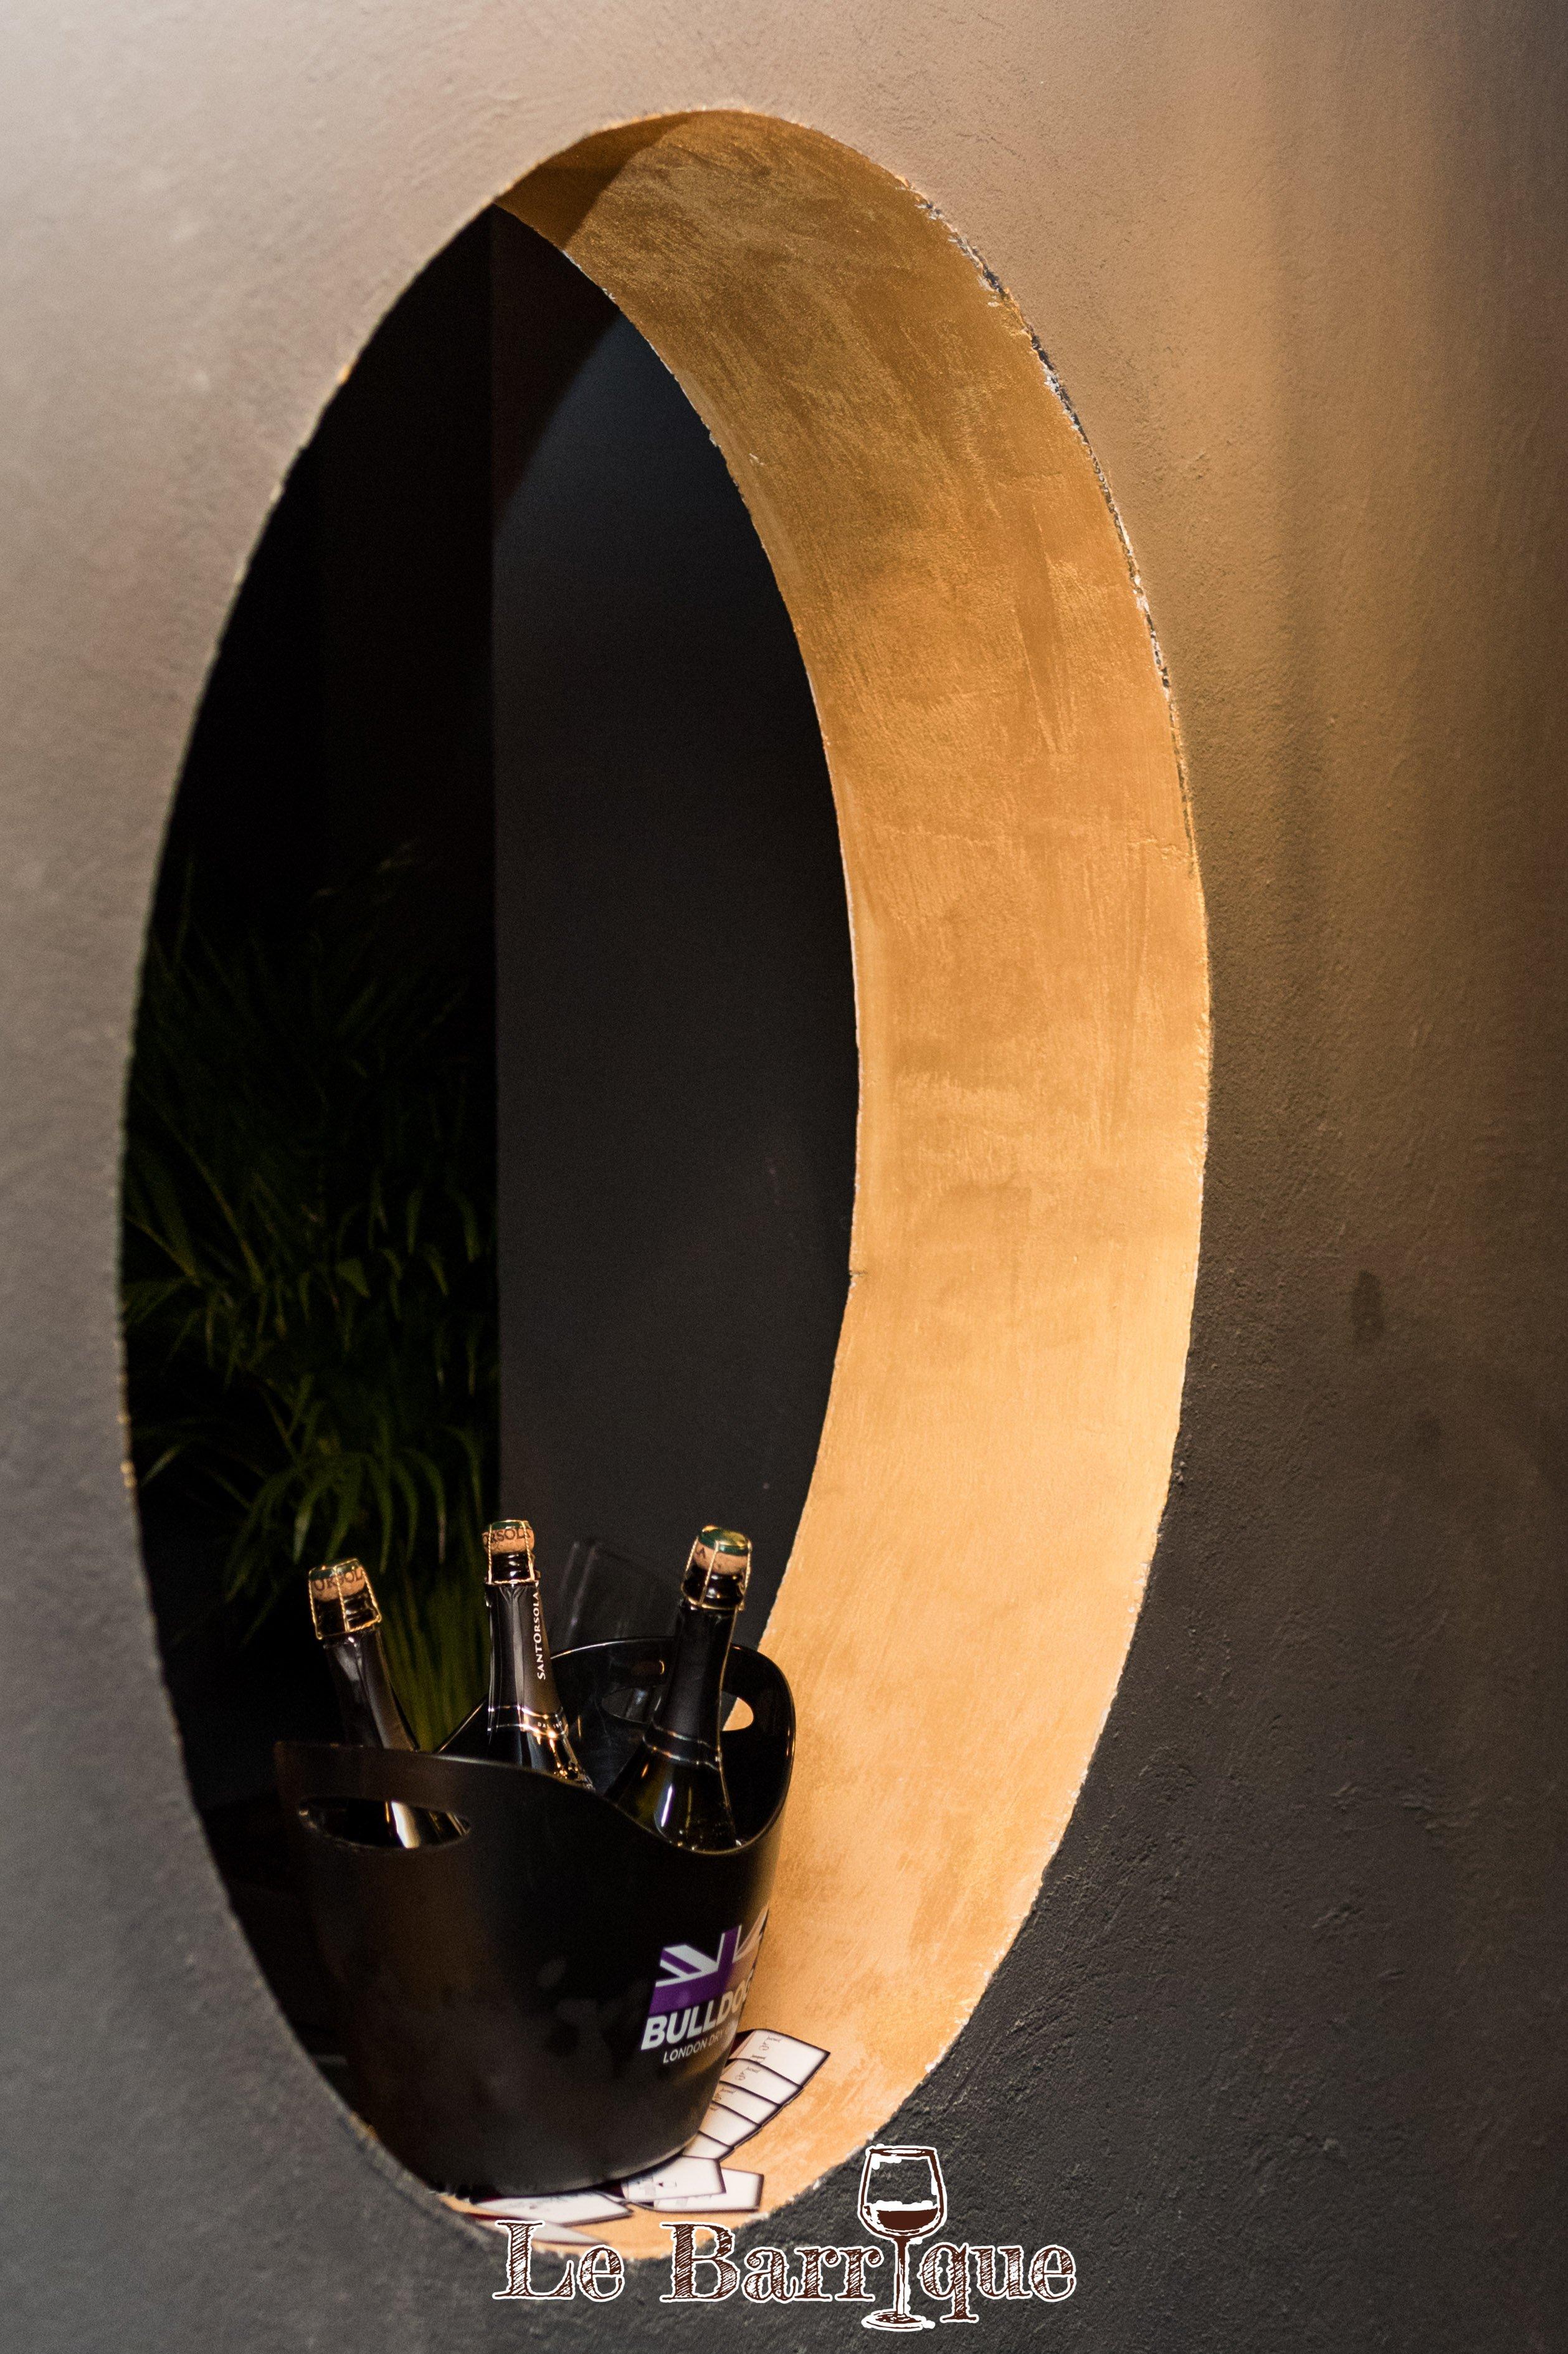 parete con cerchio il quale esporre tre bottiglie di champagne